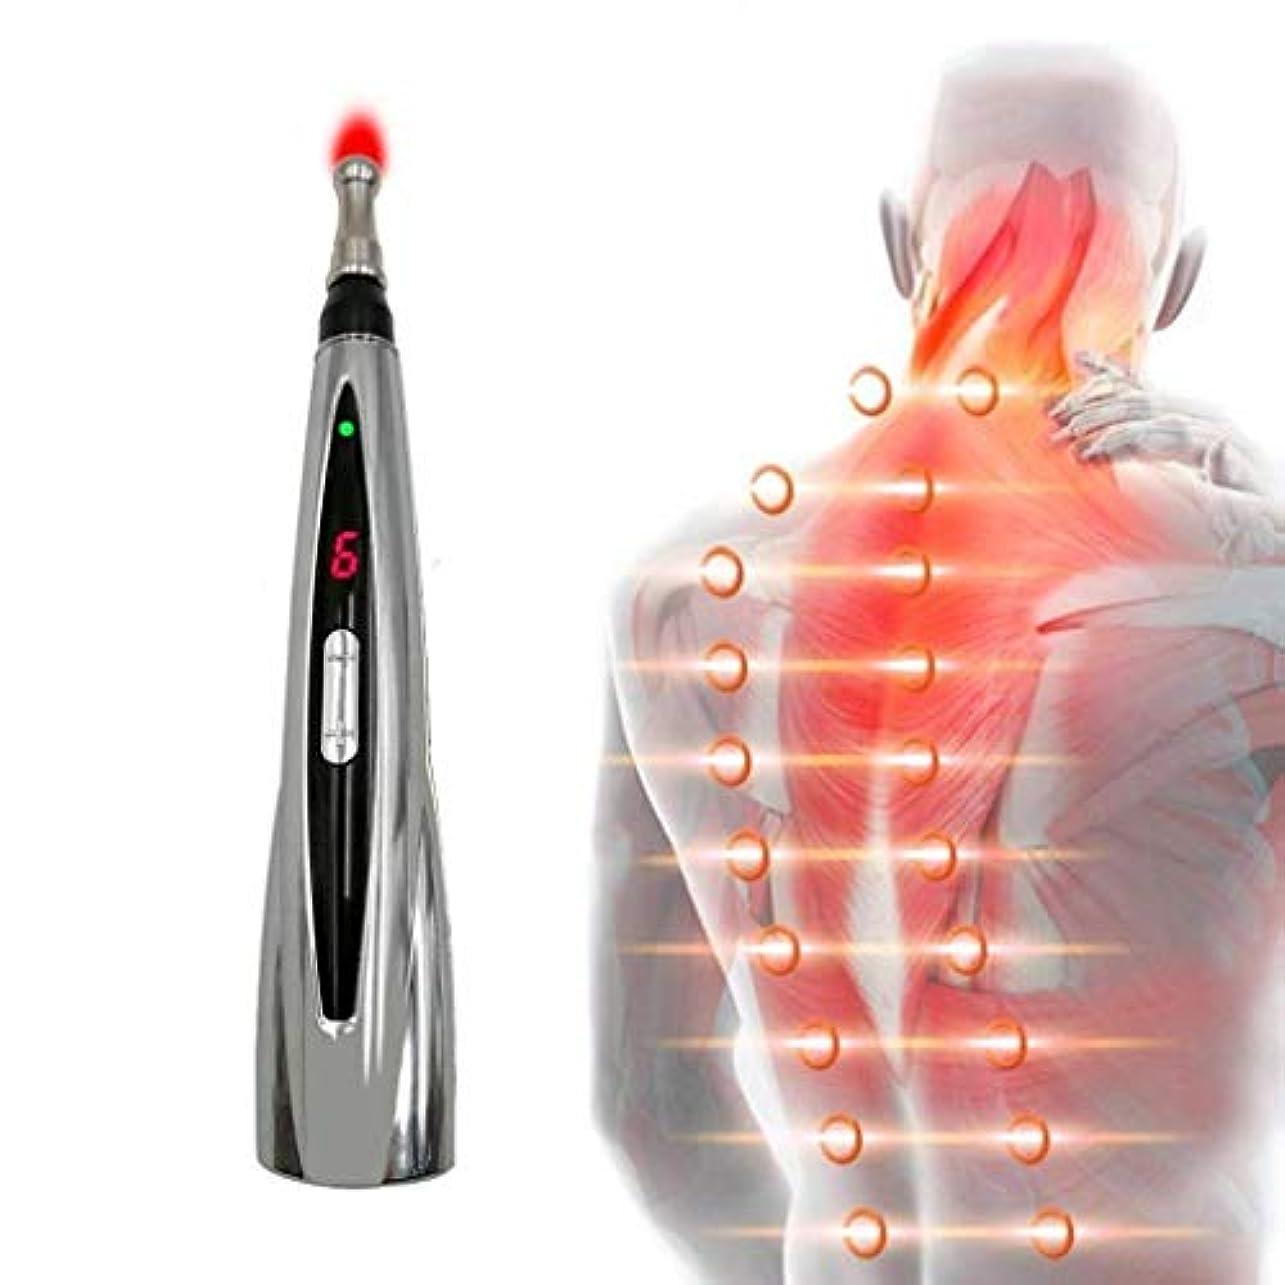 悩む極めて歴史経絡ペン、電気鍼ツボペンは痛みを和らげることができ、体の首と首に適した電子経絡エネルギーペンマッサージを扱います